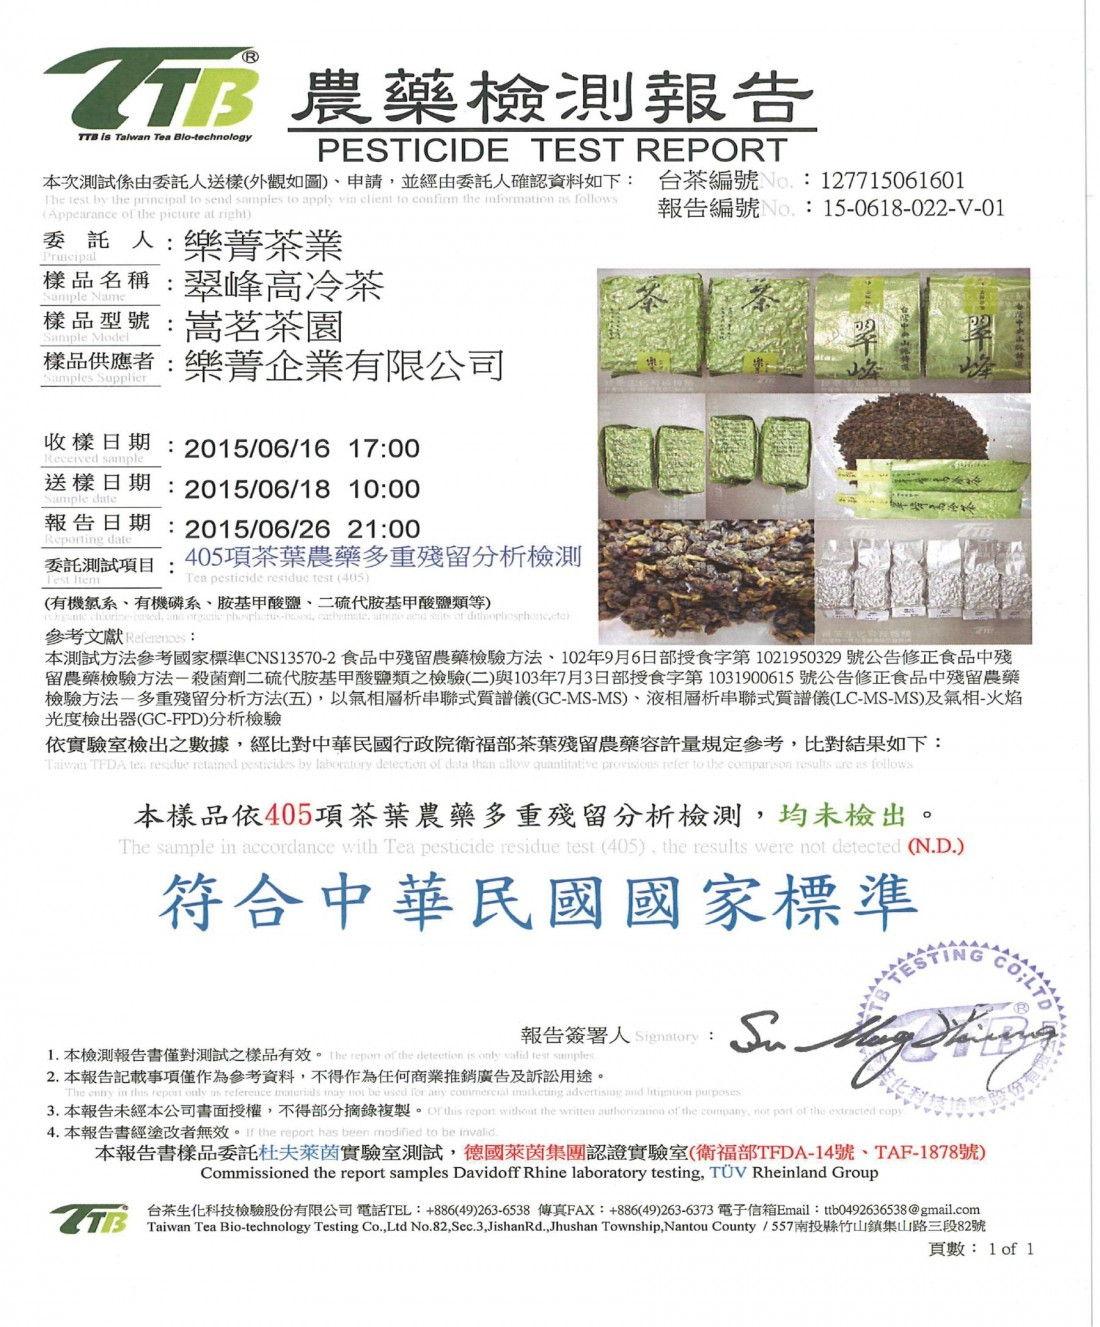 翠峰高冷茶-茶葉農藥殘留檢驗報告